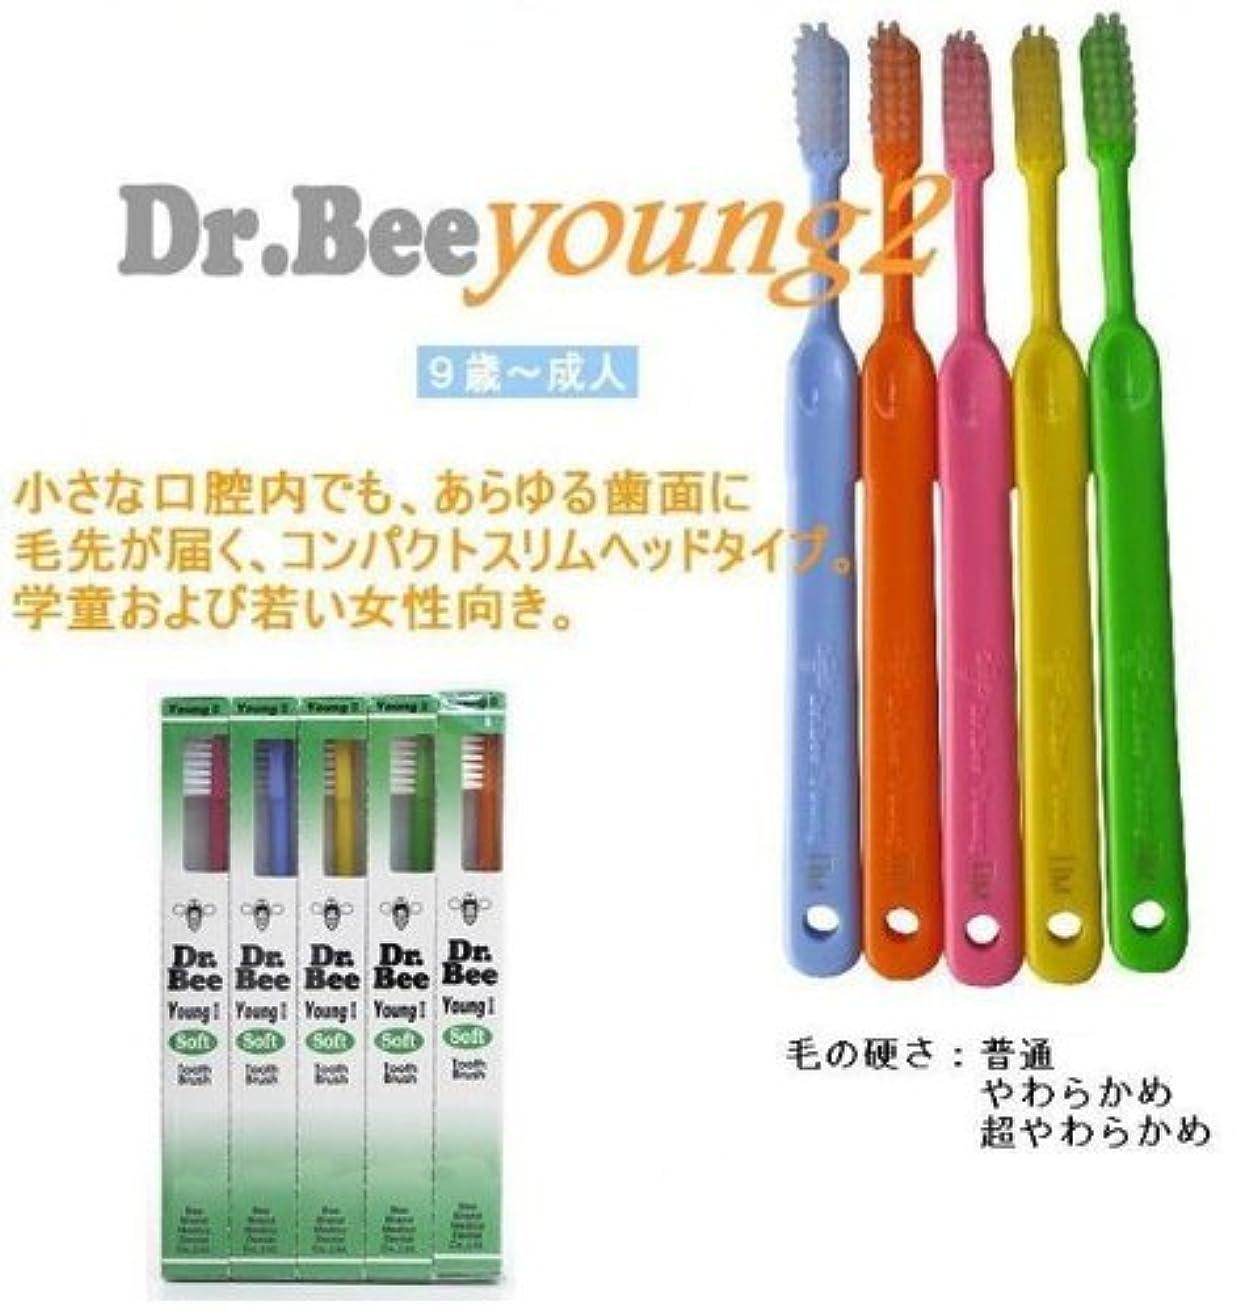 キリマンジャロ対立困惑BeeBrand Dr.BEE 歯ブラシ ヤングII ソフト